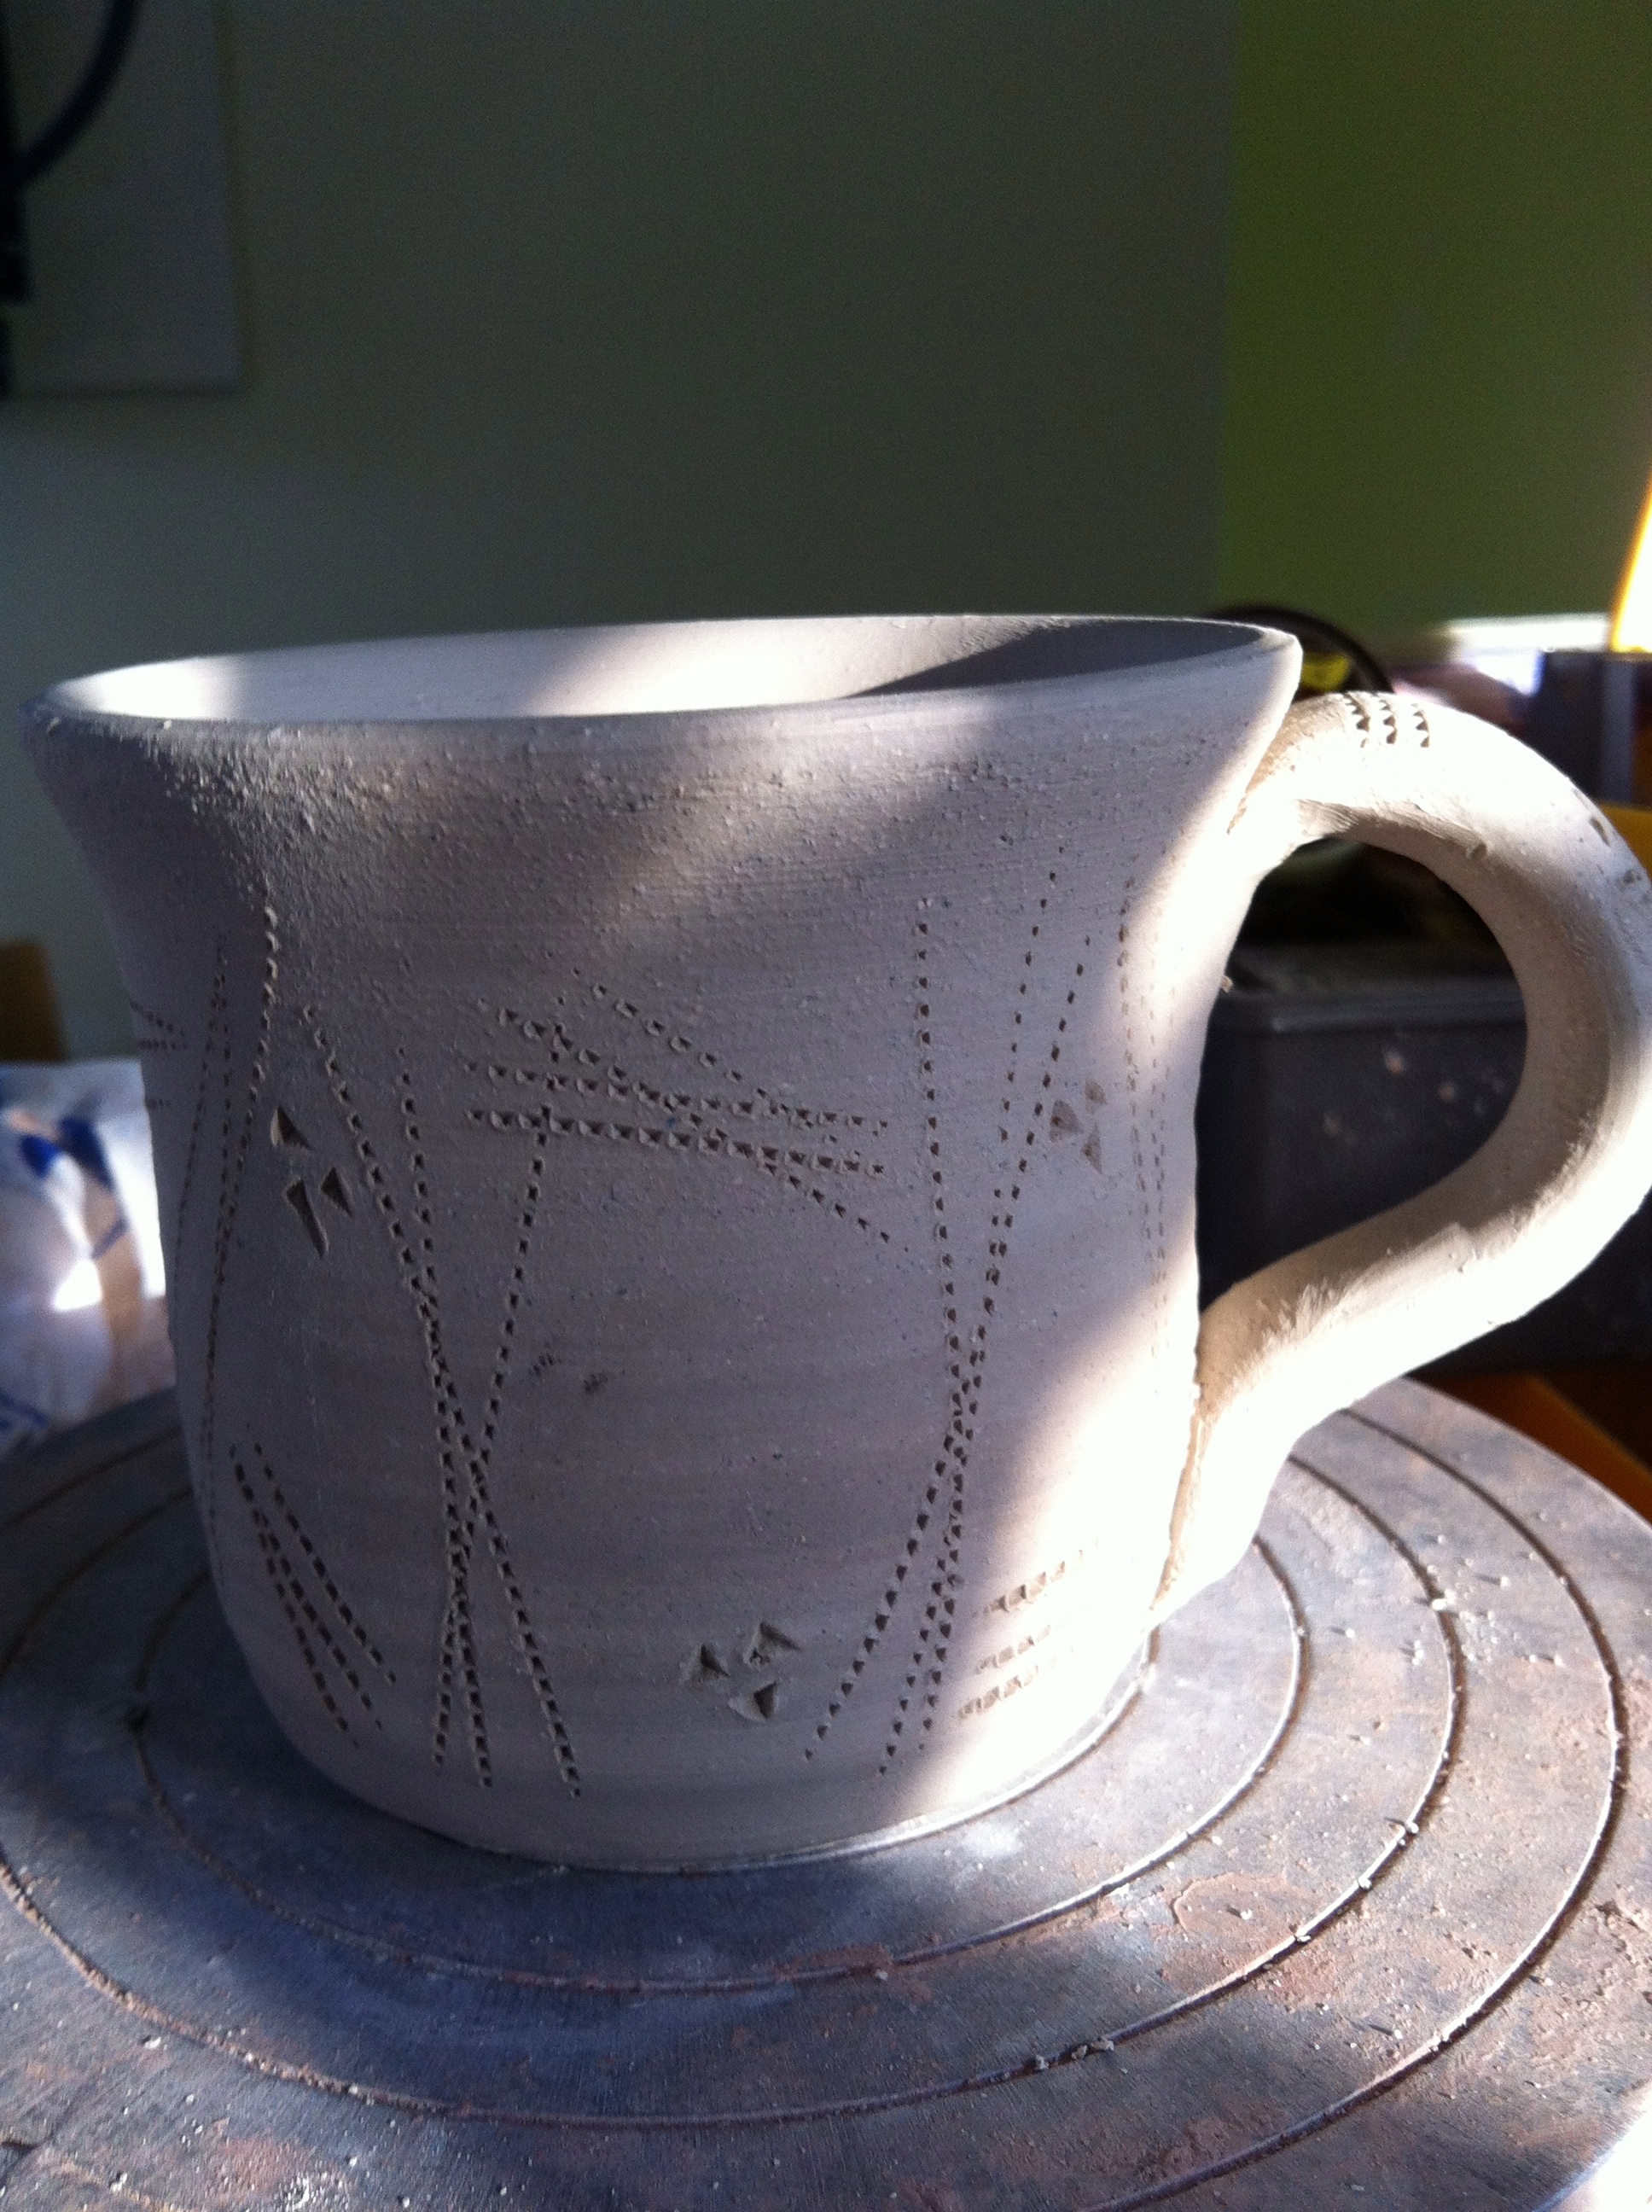 One of many mugs.